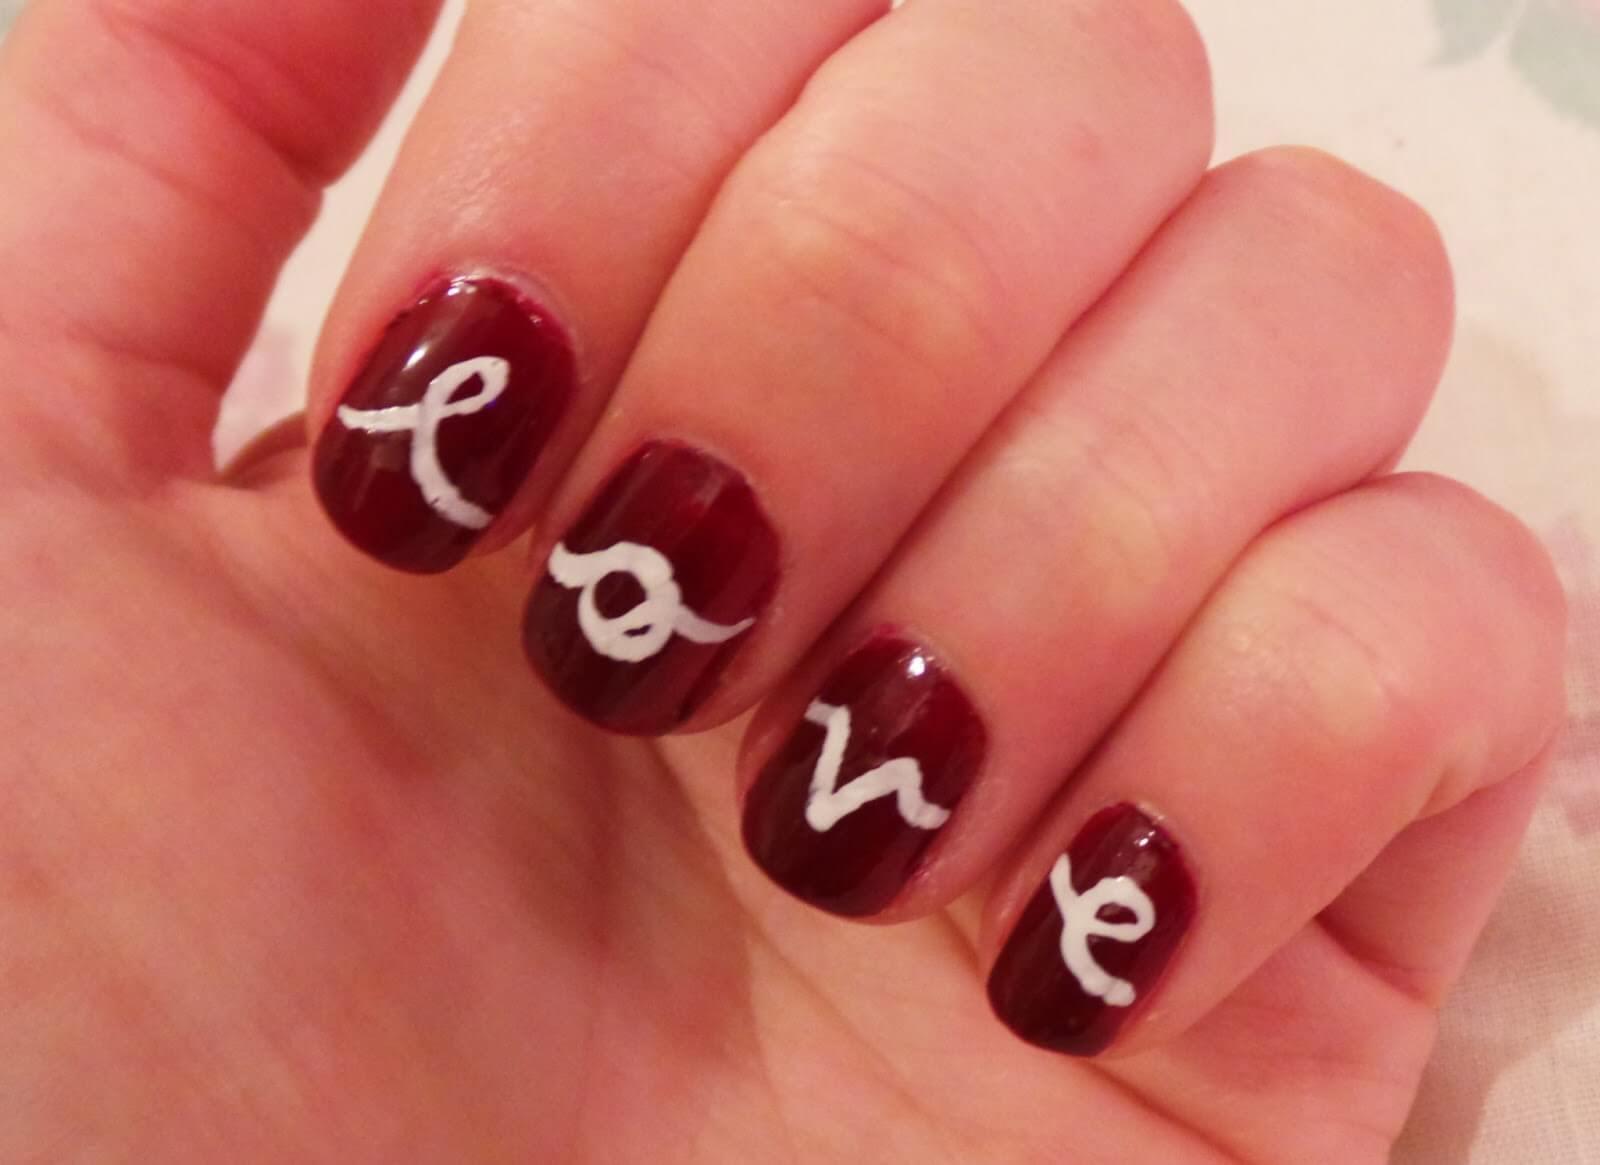 Ongles d'amour Ongles de la Saint-Valentin (11)